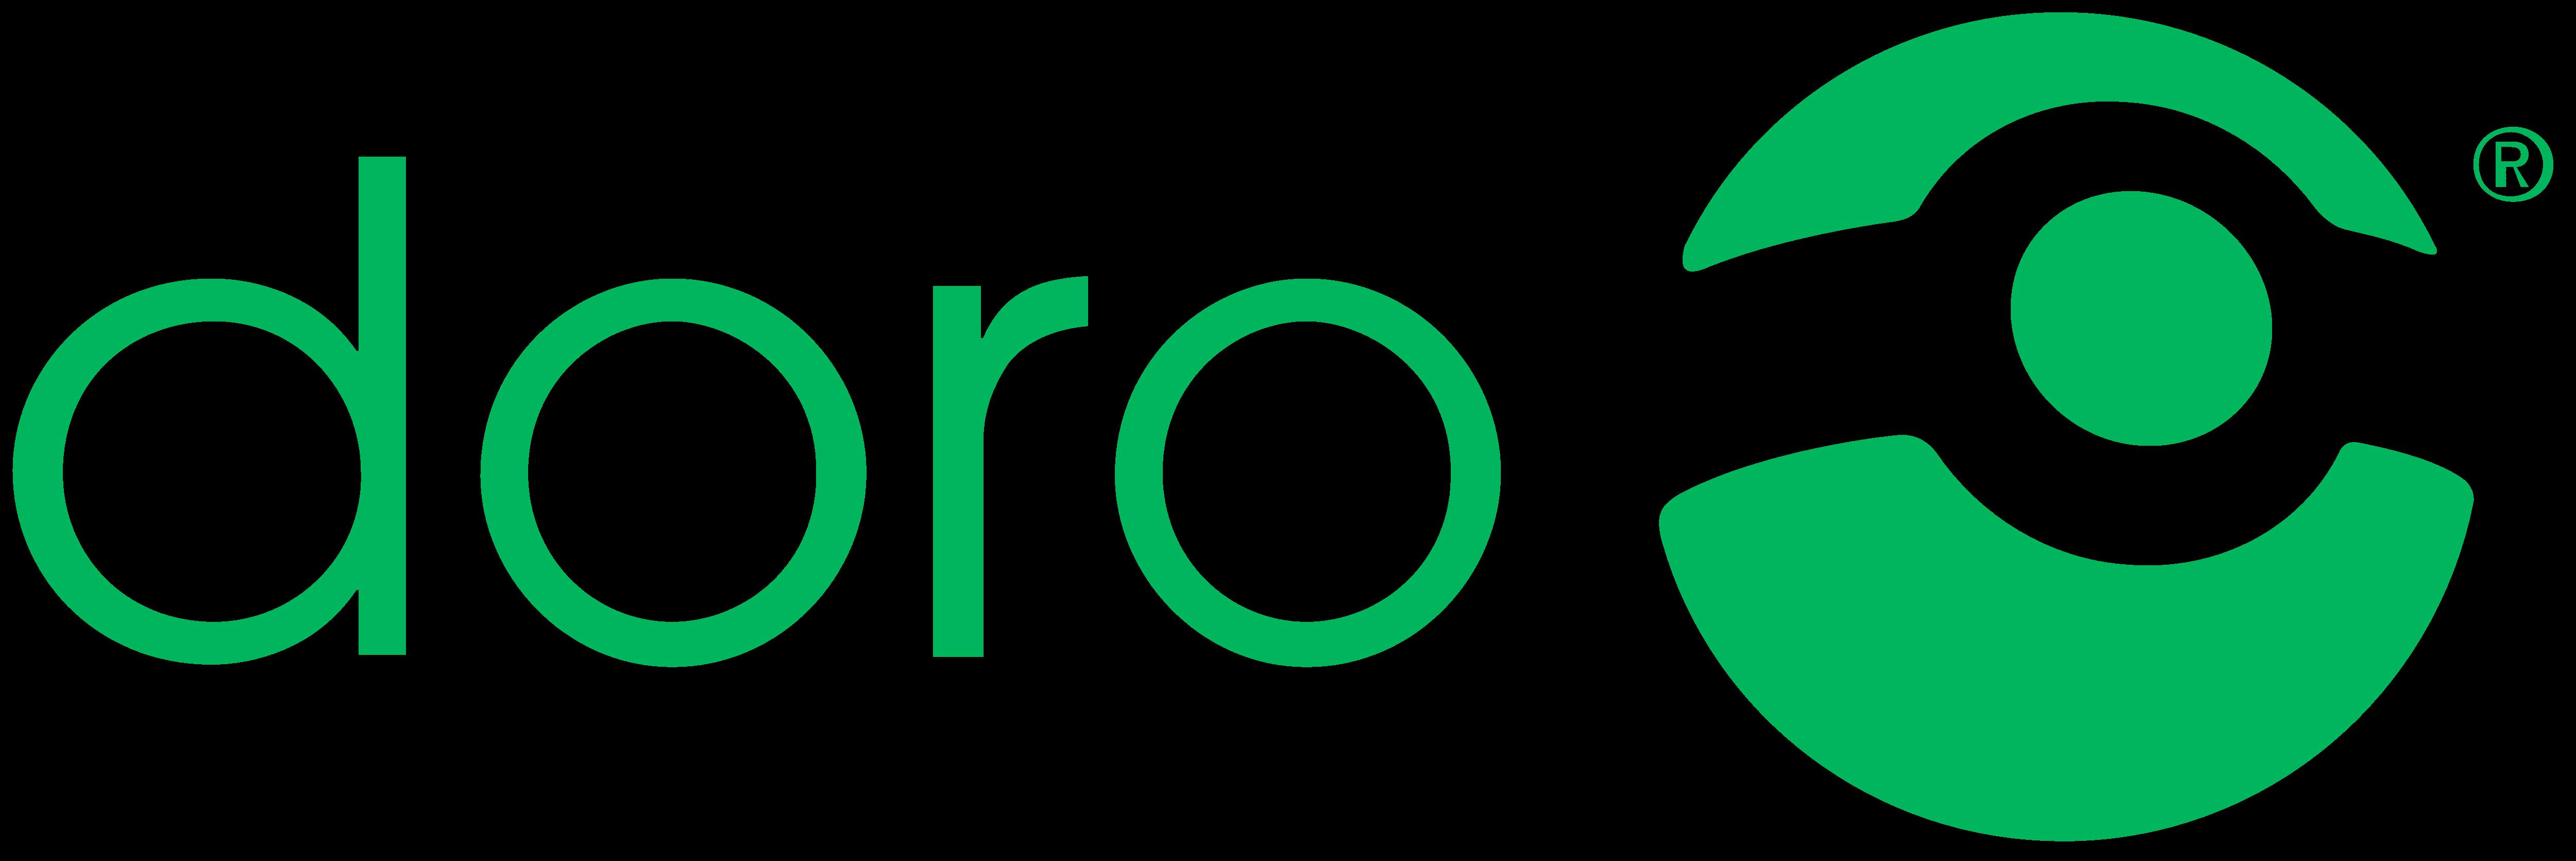 Doro logotype